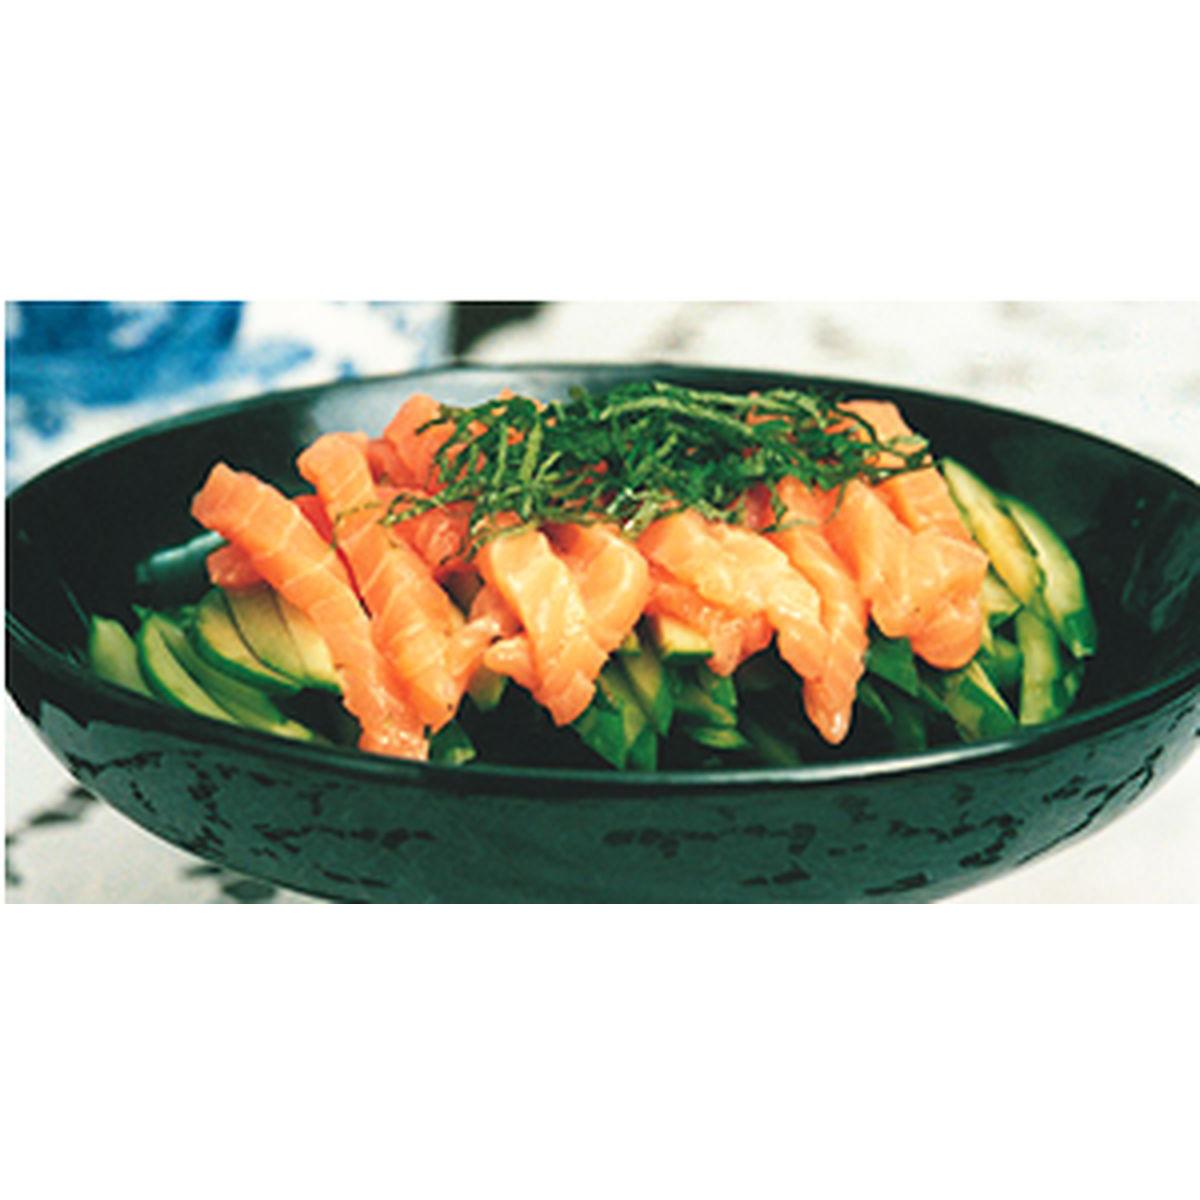 食譜:紫蘇黃瓜拌鮭魚